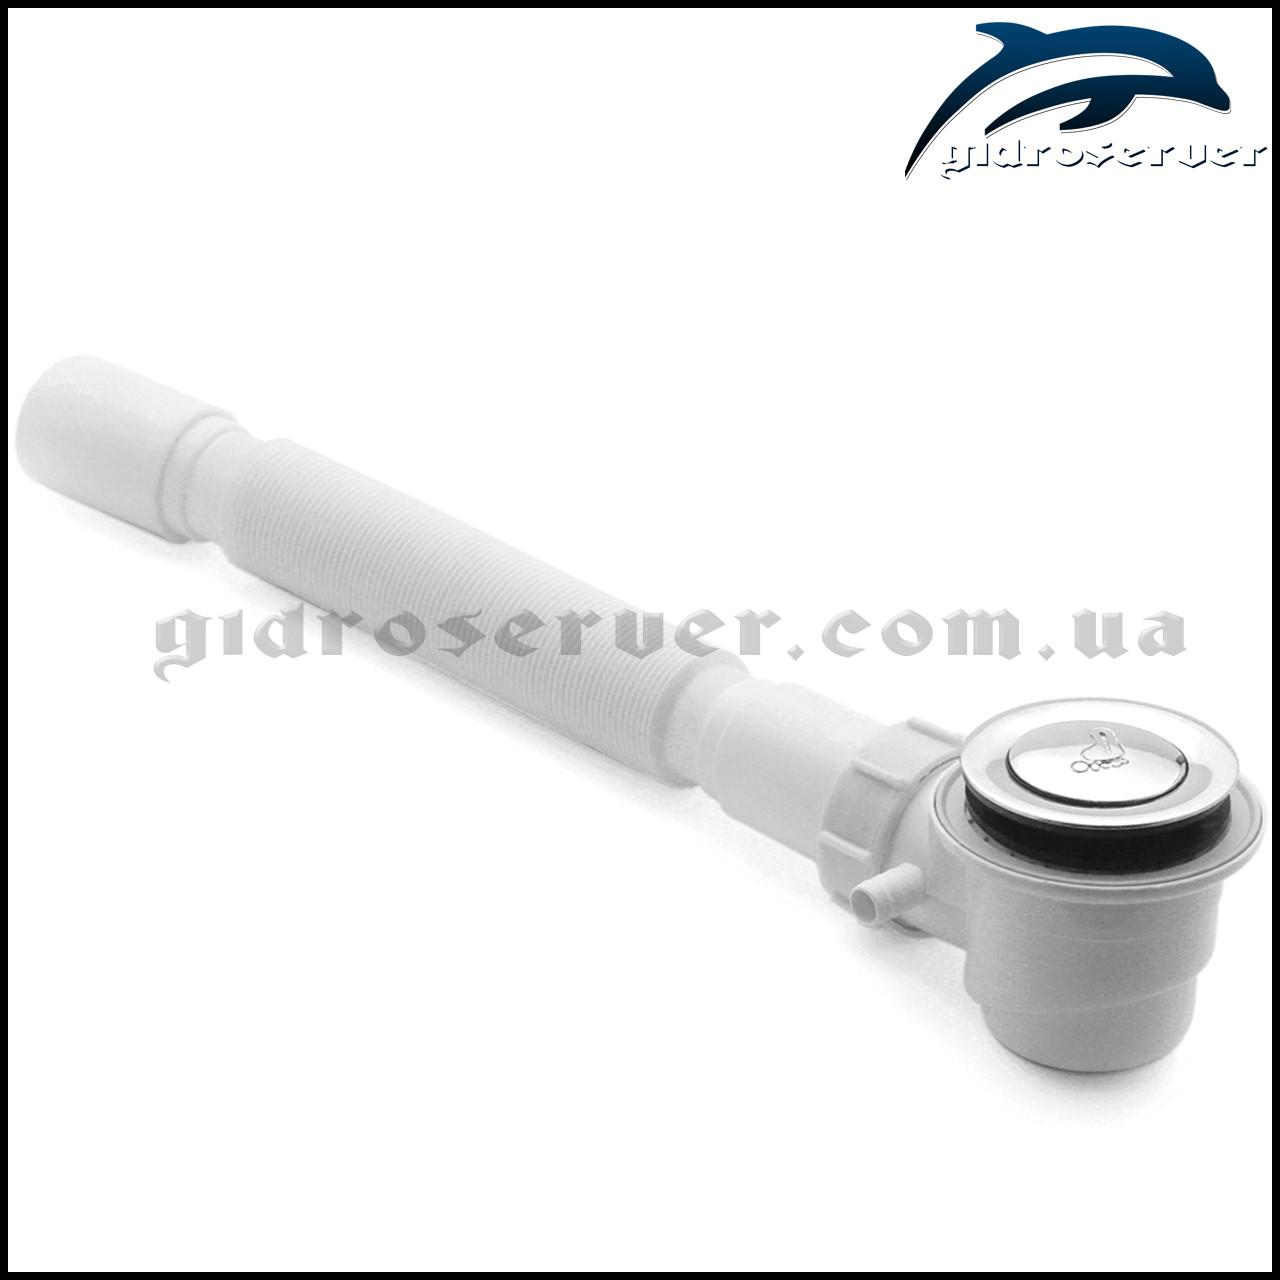 Посилений сифон для душової кабіни, гідробоксу SDKU-03 з сіткою відстійником.